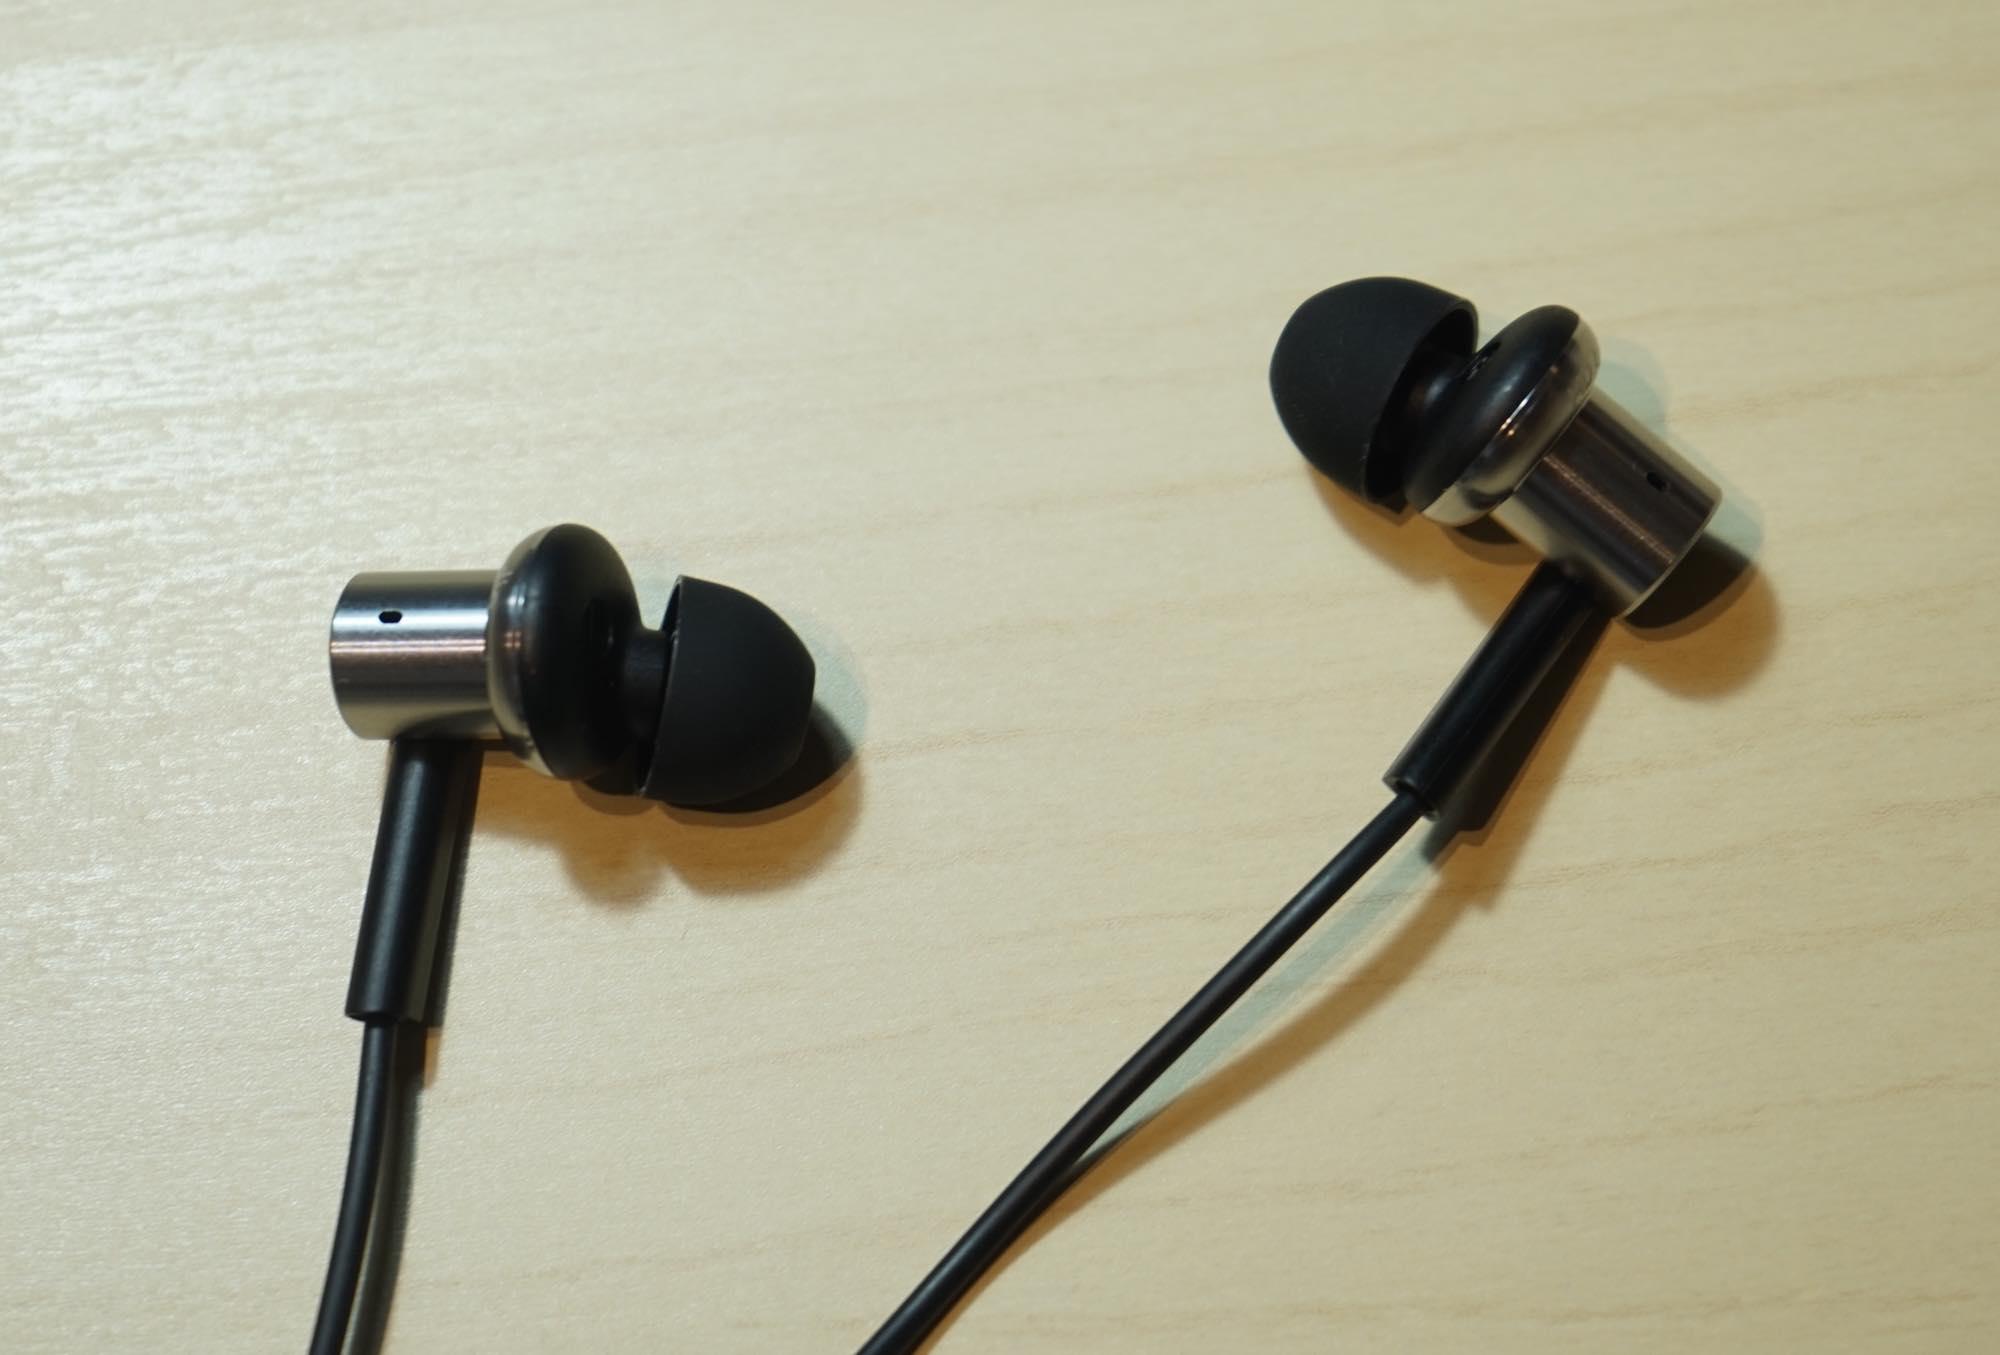 th_Mi-In-Ear-Headphones-Pro5